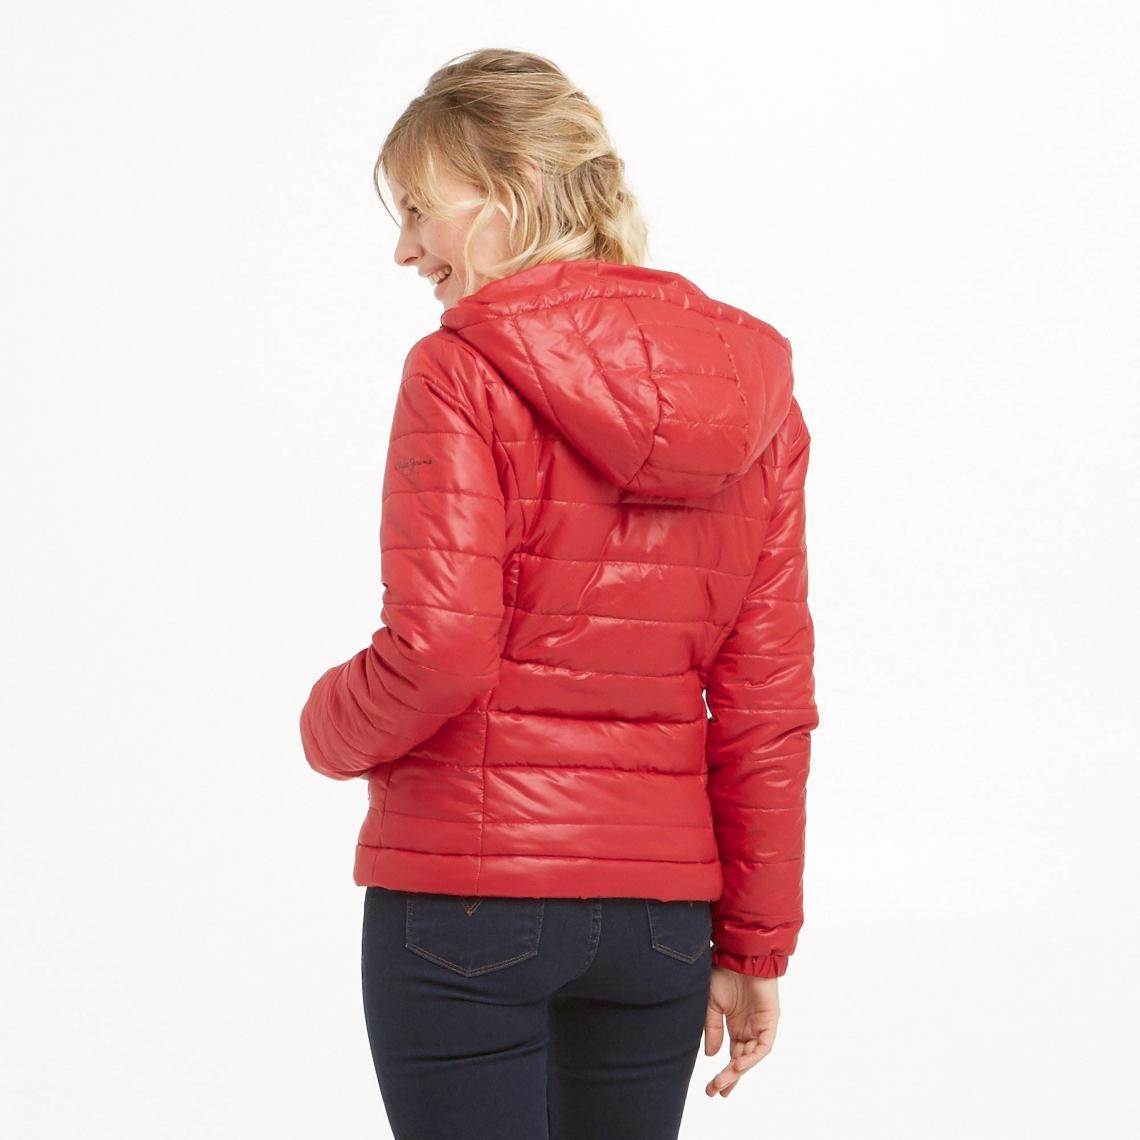 1d7cc6e1fe92 Doudoune courte à capuche Alania femme Pepe Jeans - Rouge